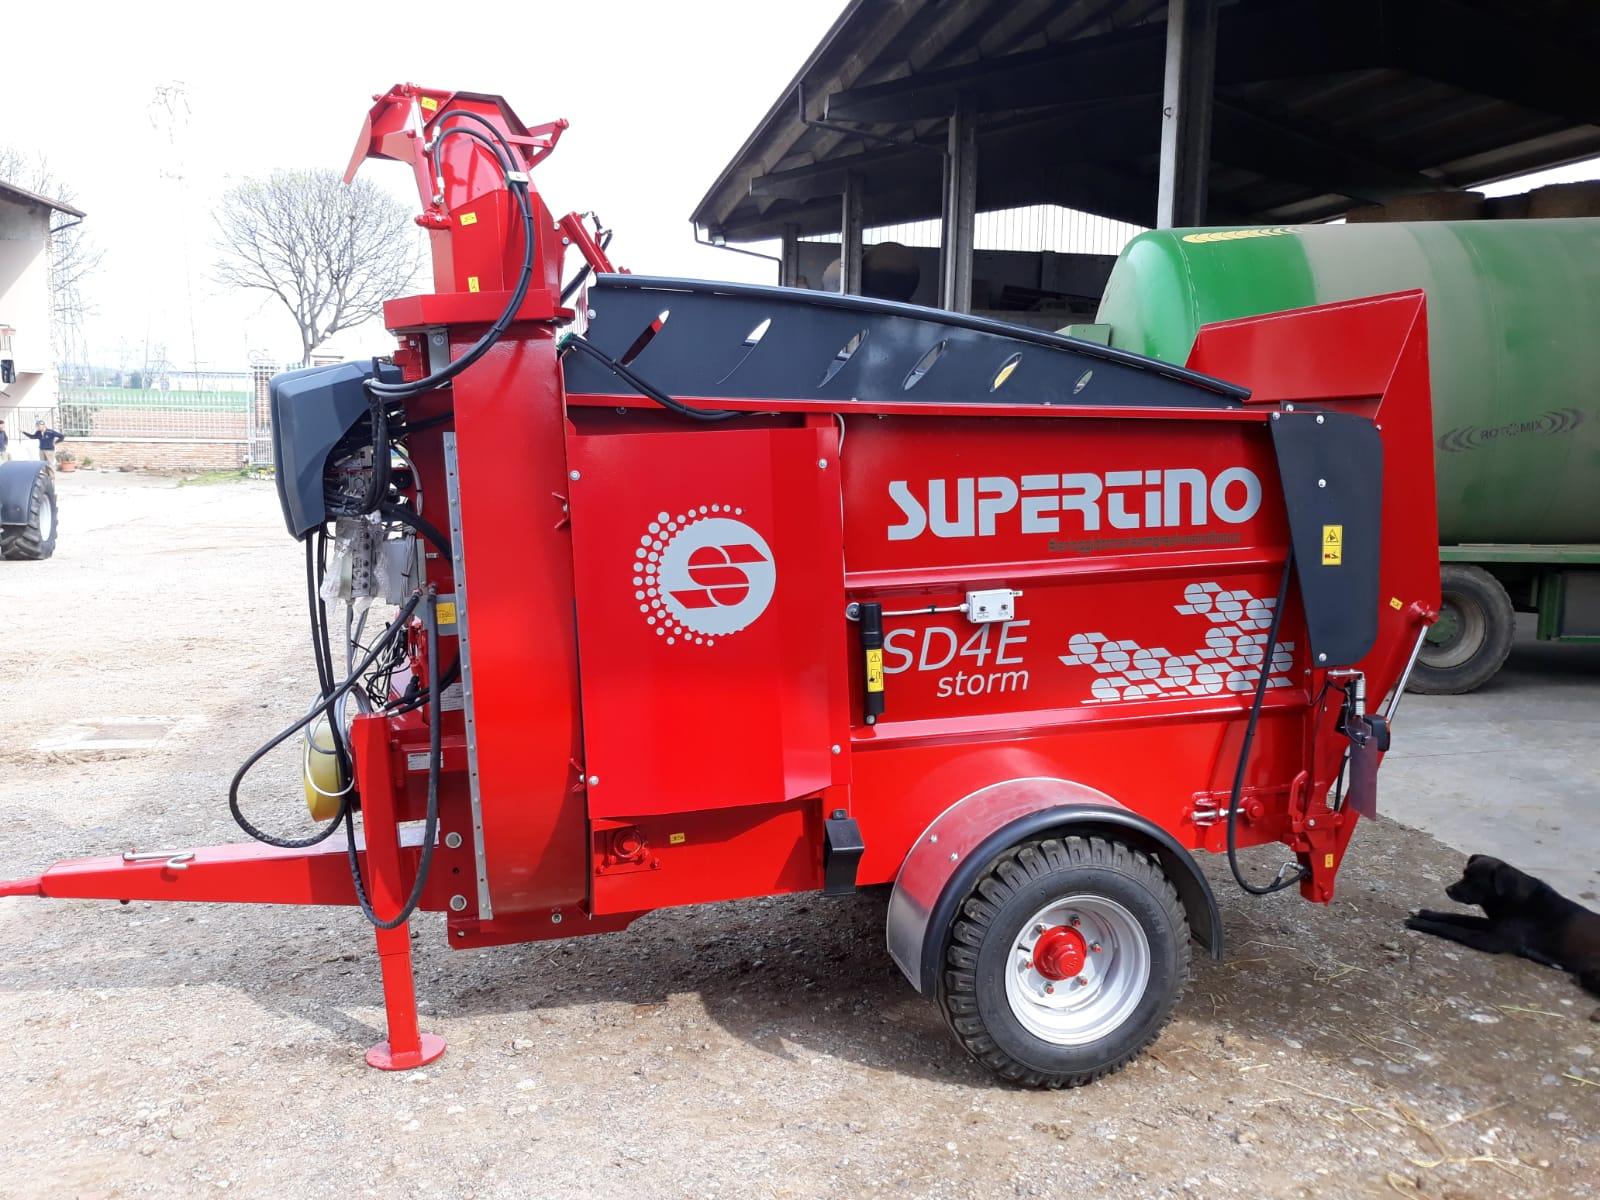 Impaglaitore Supertino SD4E